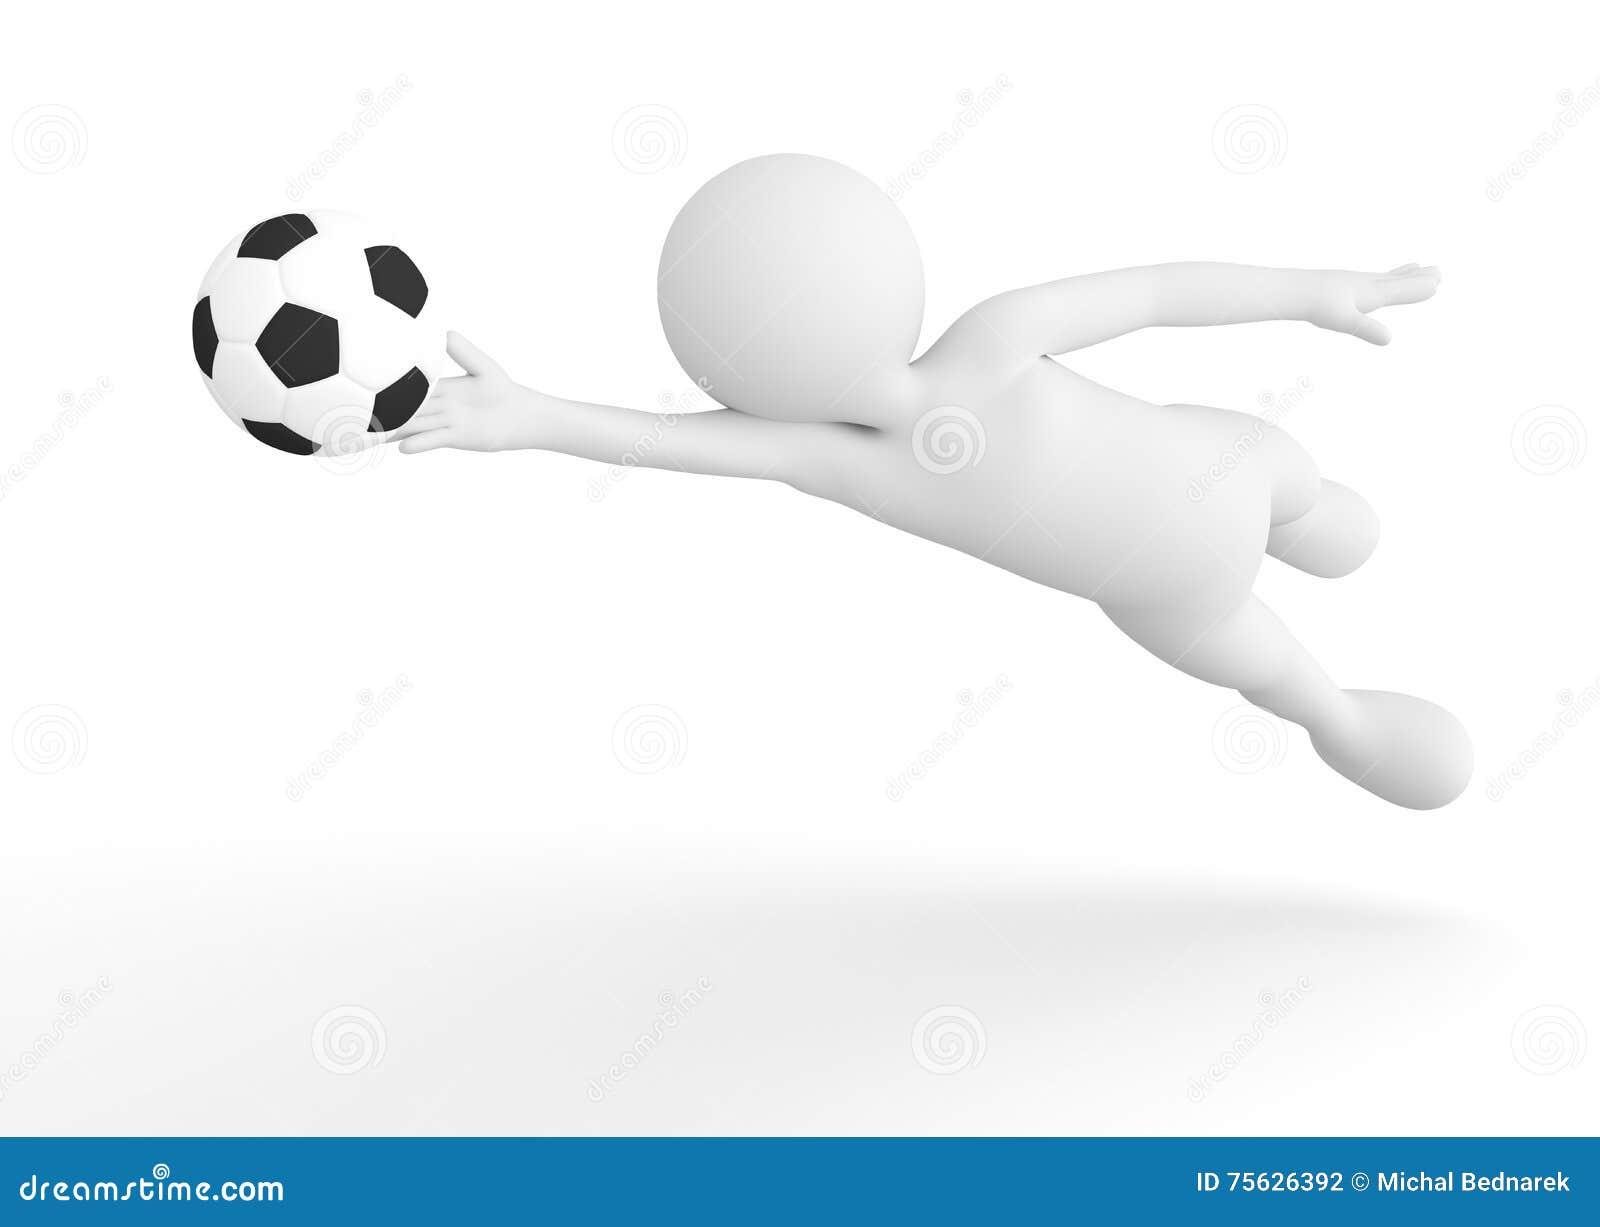 Toon mężczyzna piłki nożnej bramkarz ratuje piłkę od celu pojęcia kąta pola futbolowe trawy zielone liny